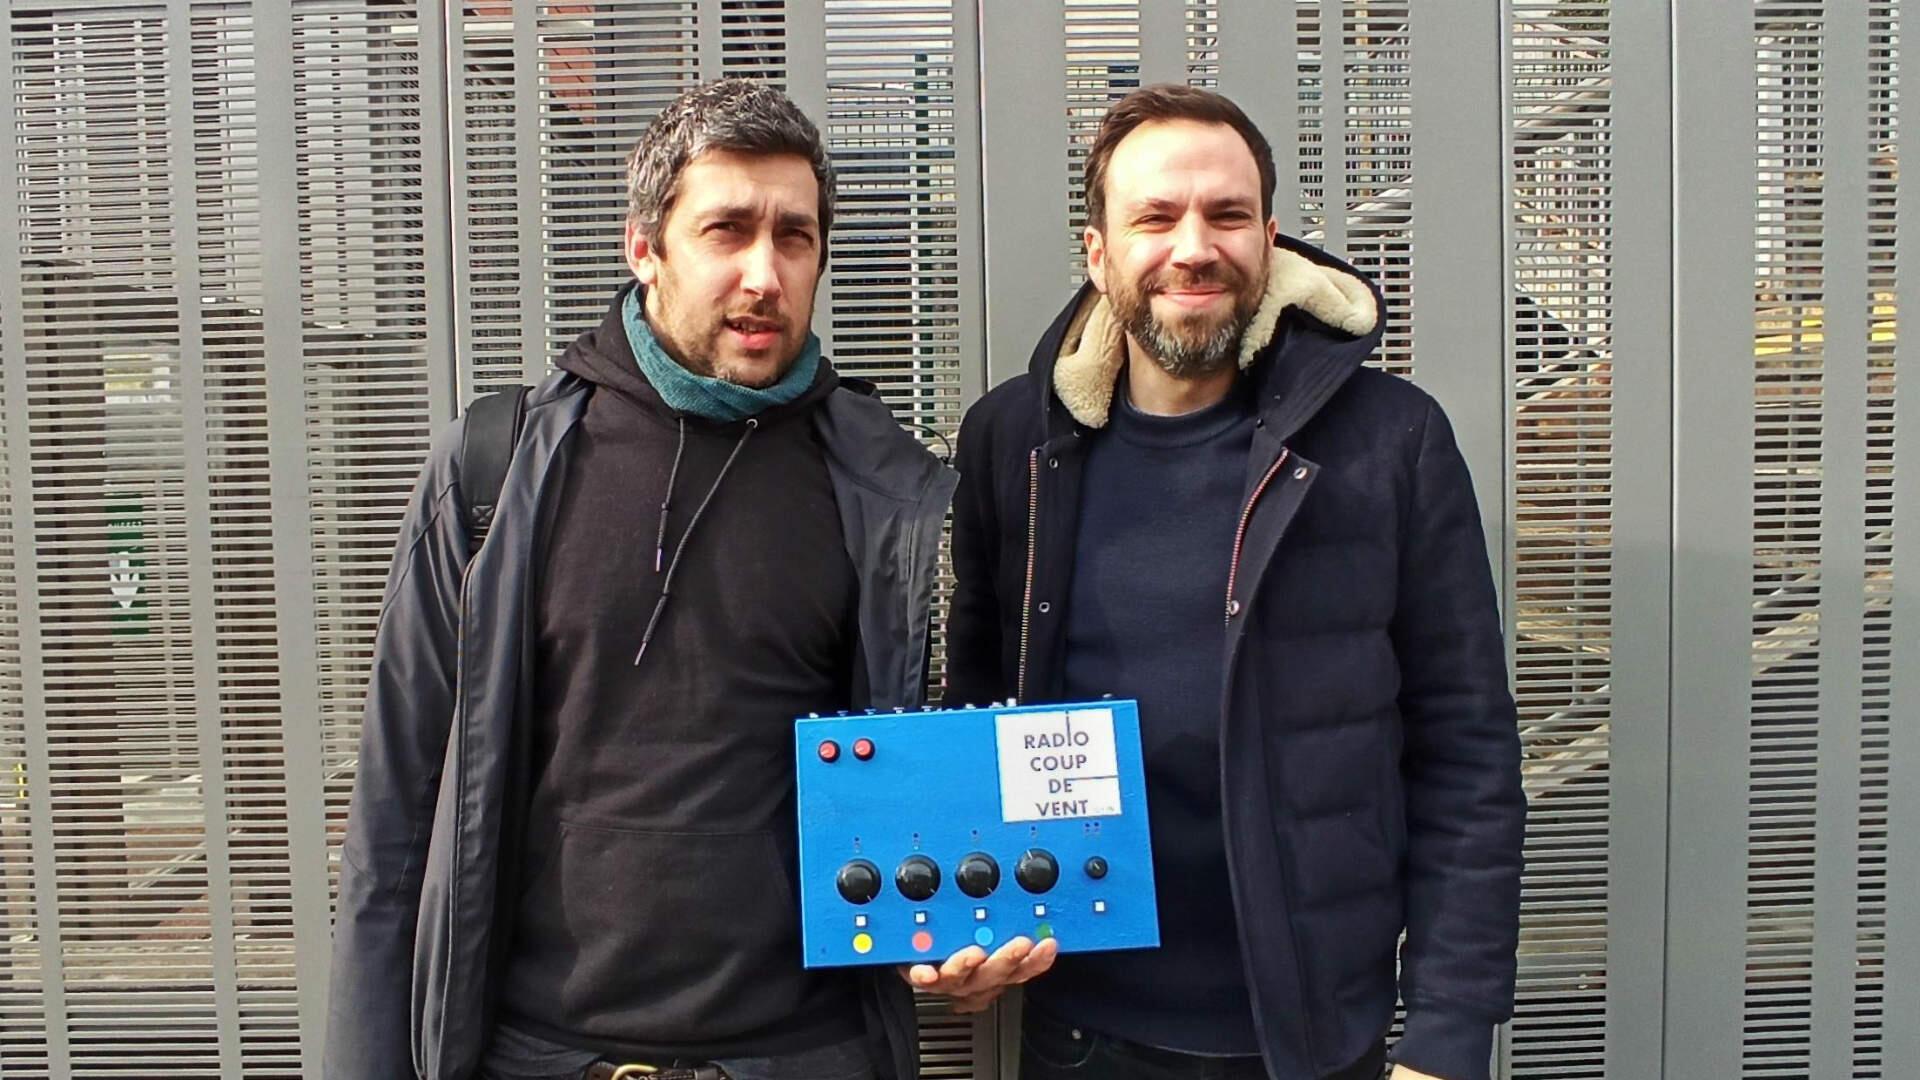 Anthony Capelli et Alexandre Plank portent le dernier prototype de la Radiobox, jeudi 13 février, à RFI.